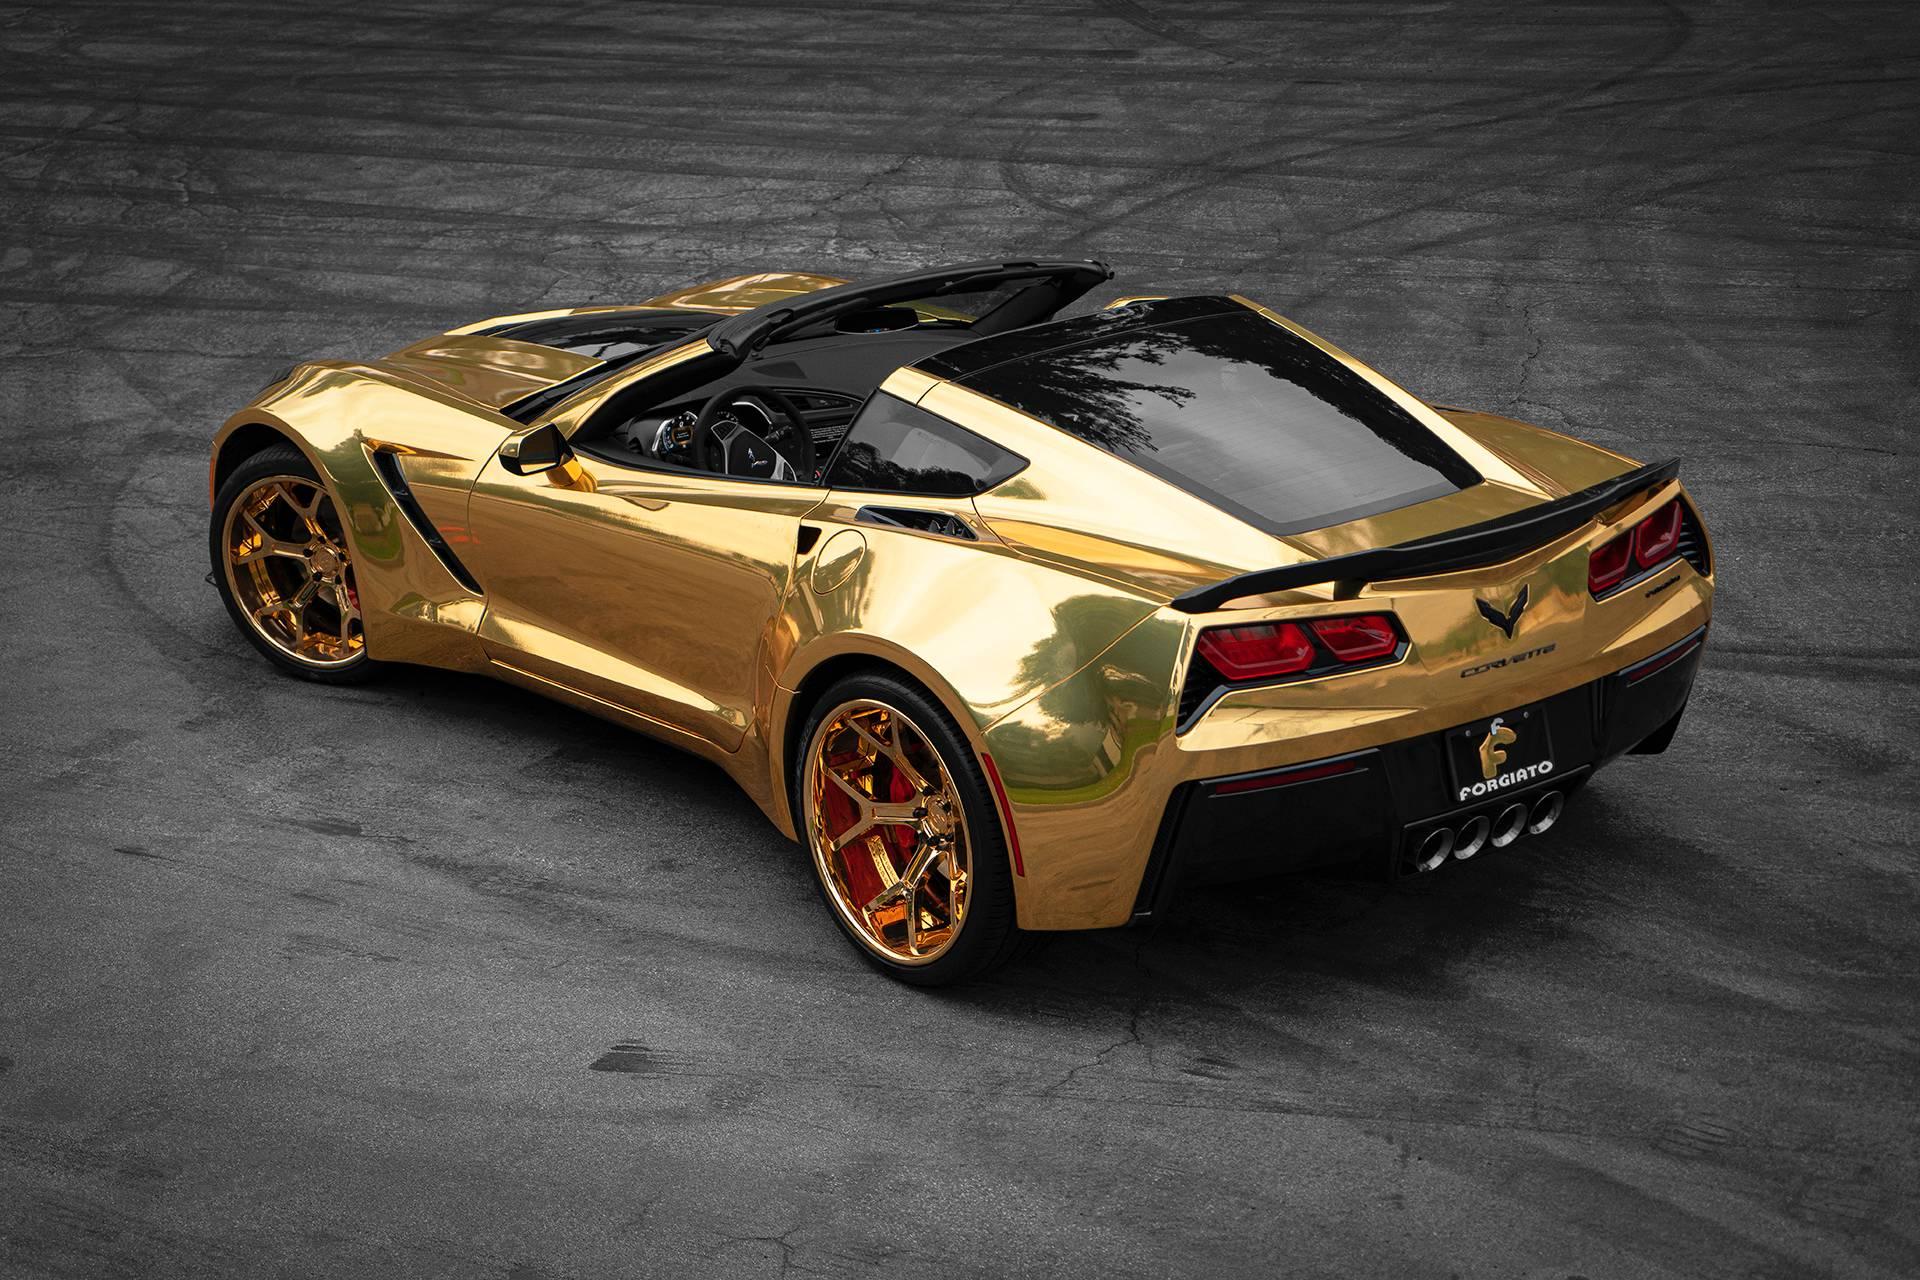 C7 Corvette Gold